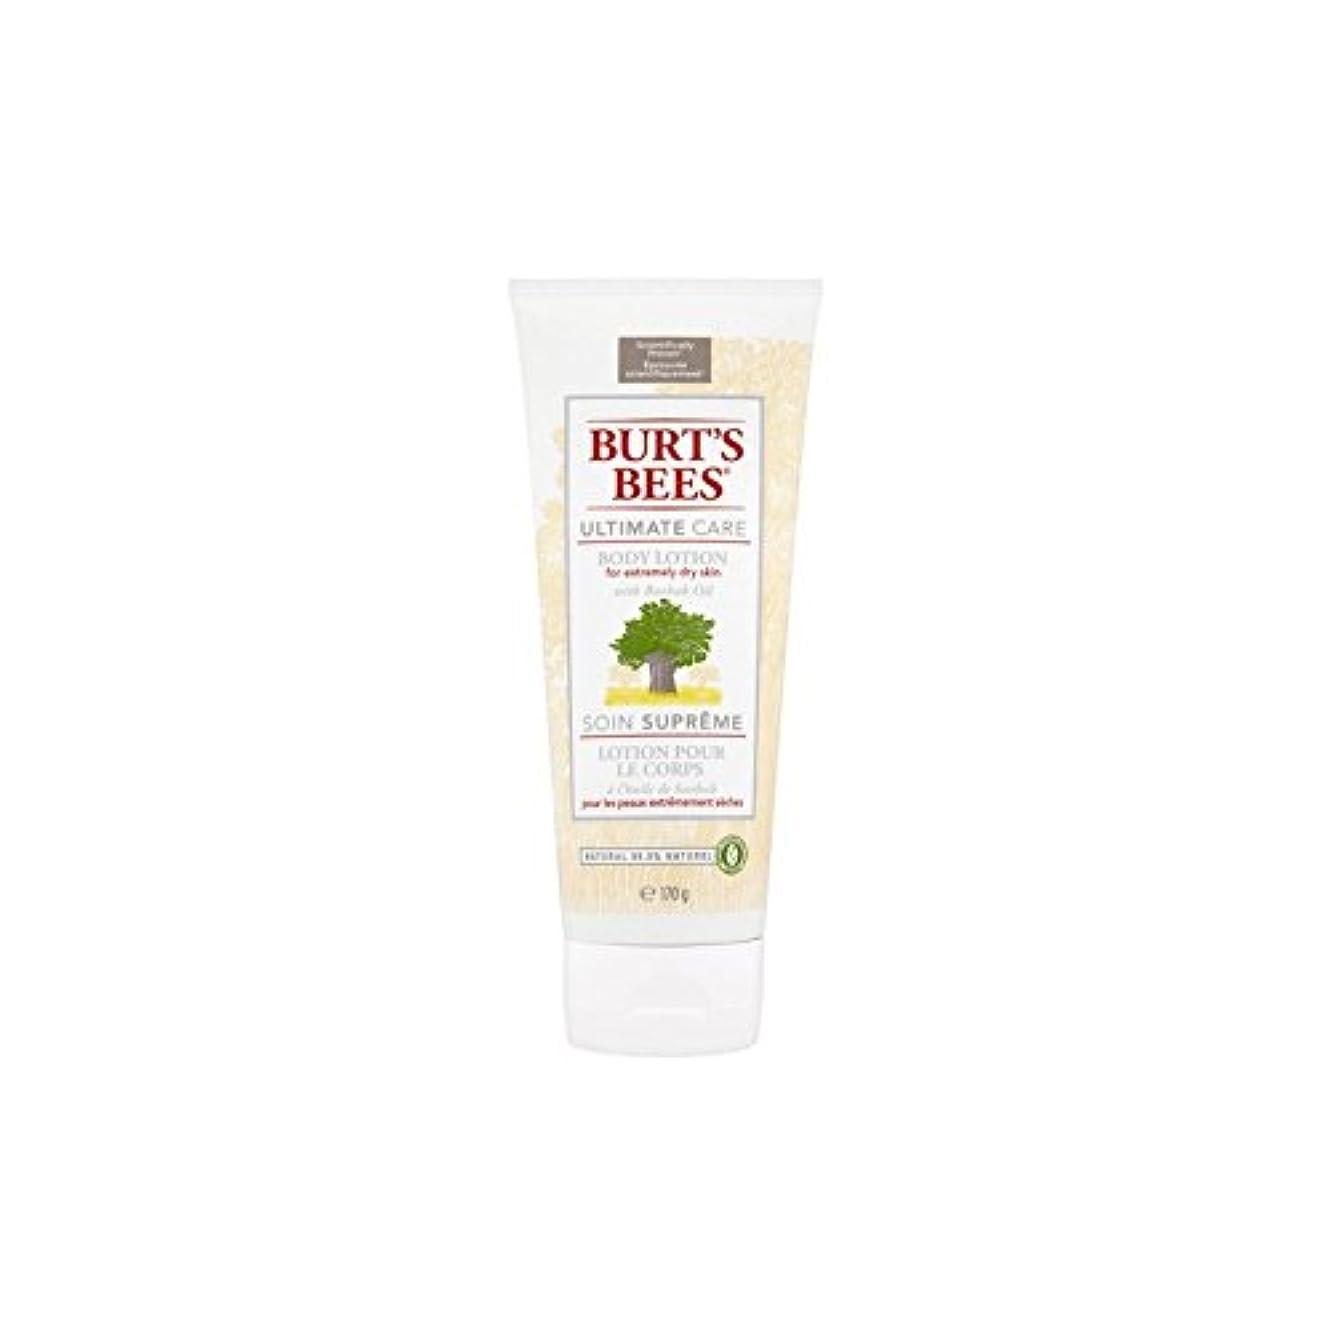 Burt's Bees Ultimate Care Body Lotion - バーツビー究極のケアボディローション [並行輸入品]